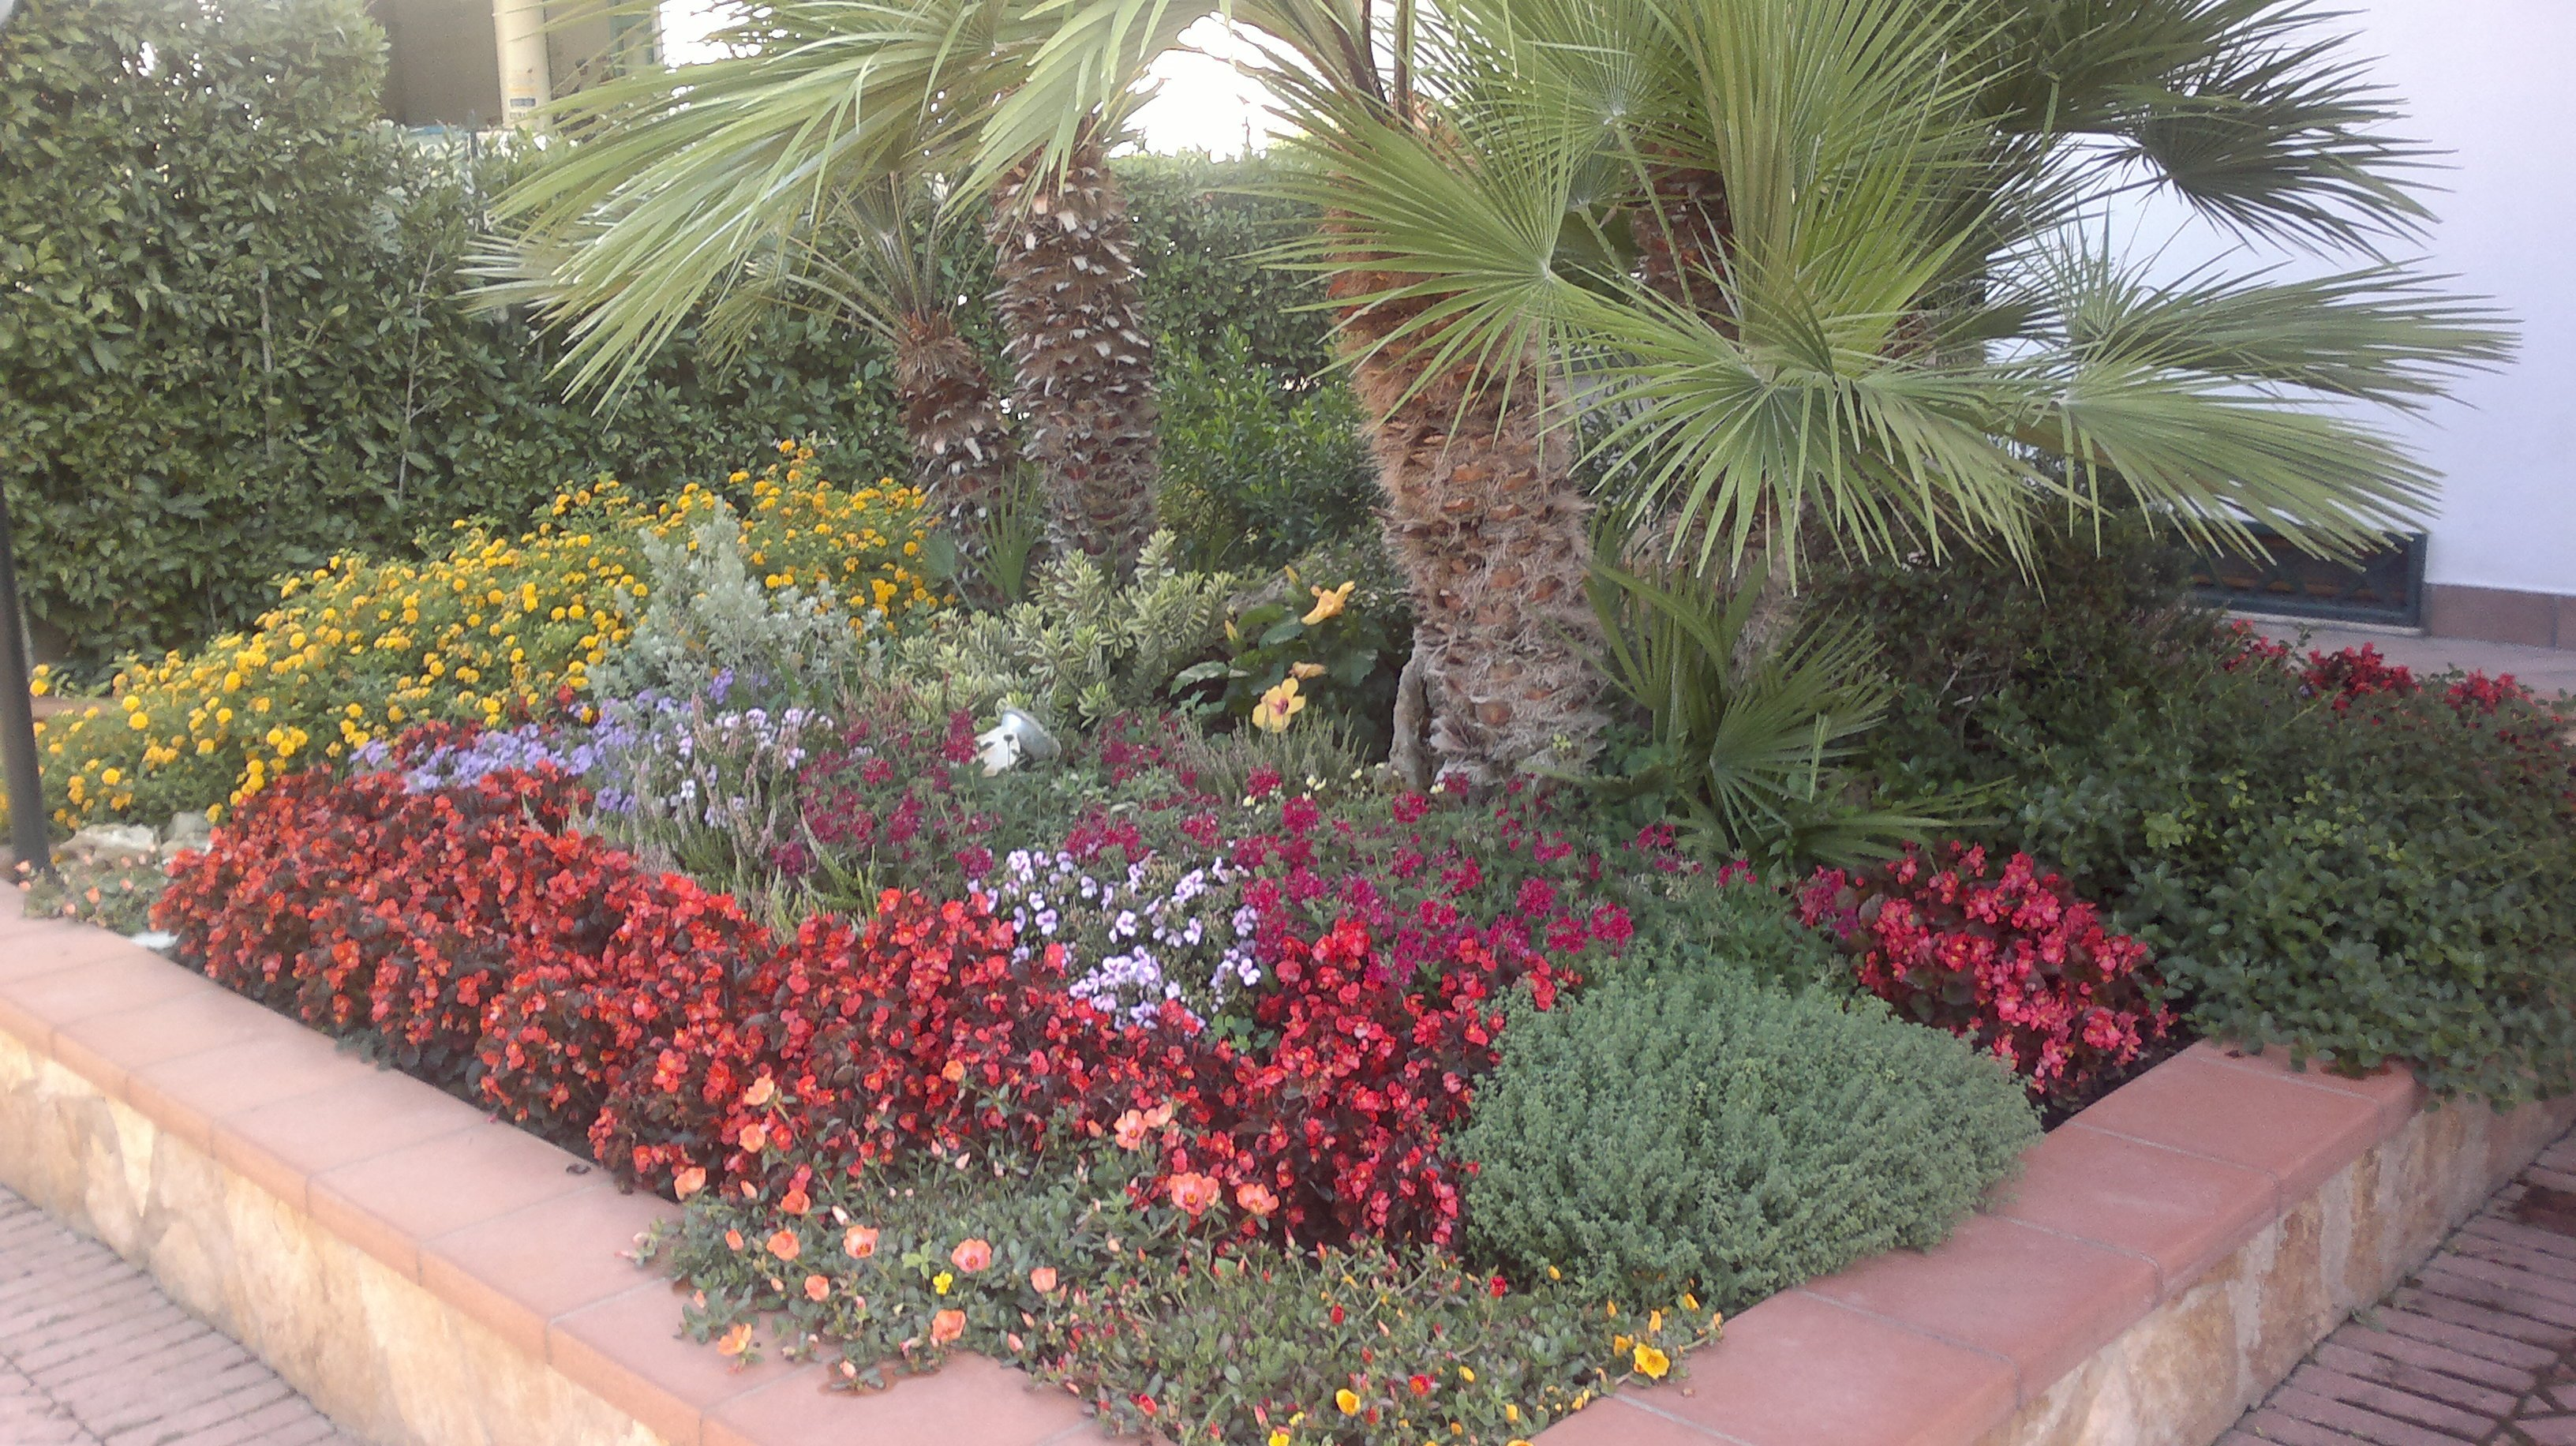 dei fiori rossi gialli e viola e una palma interrati dietro a un muretto in un'aiuola